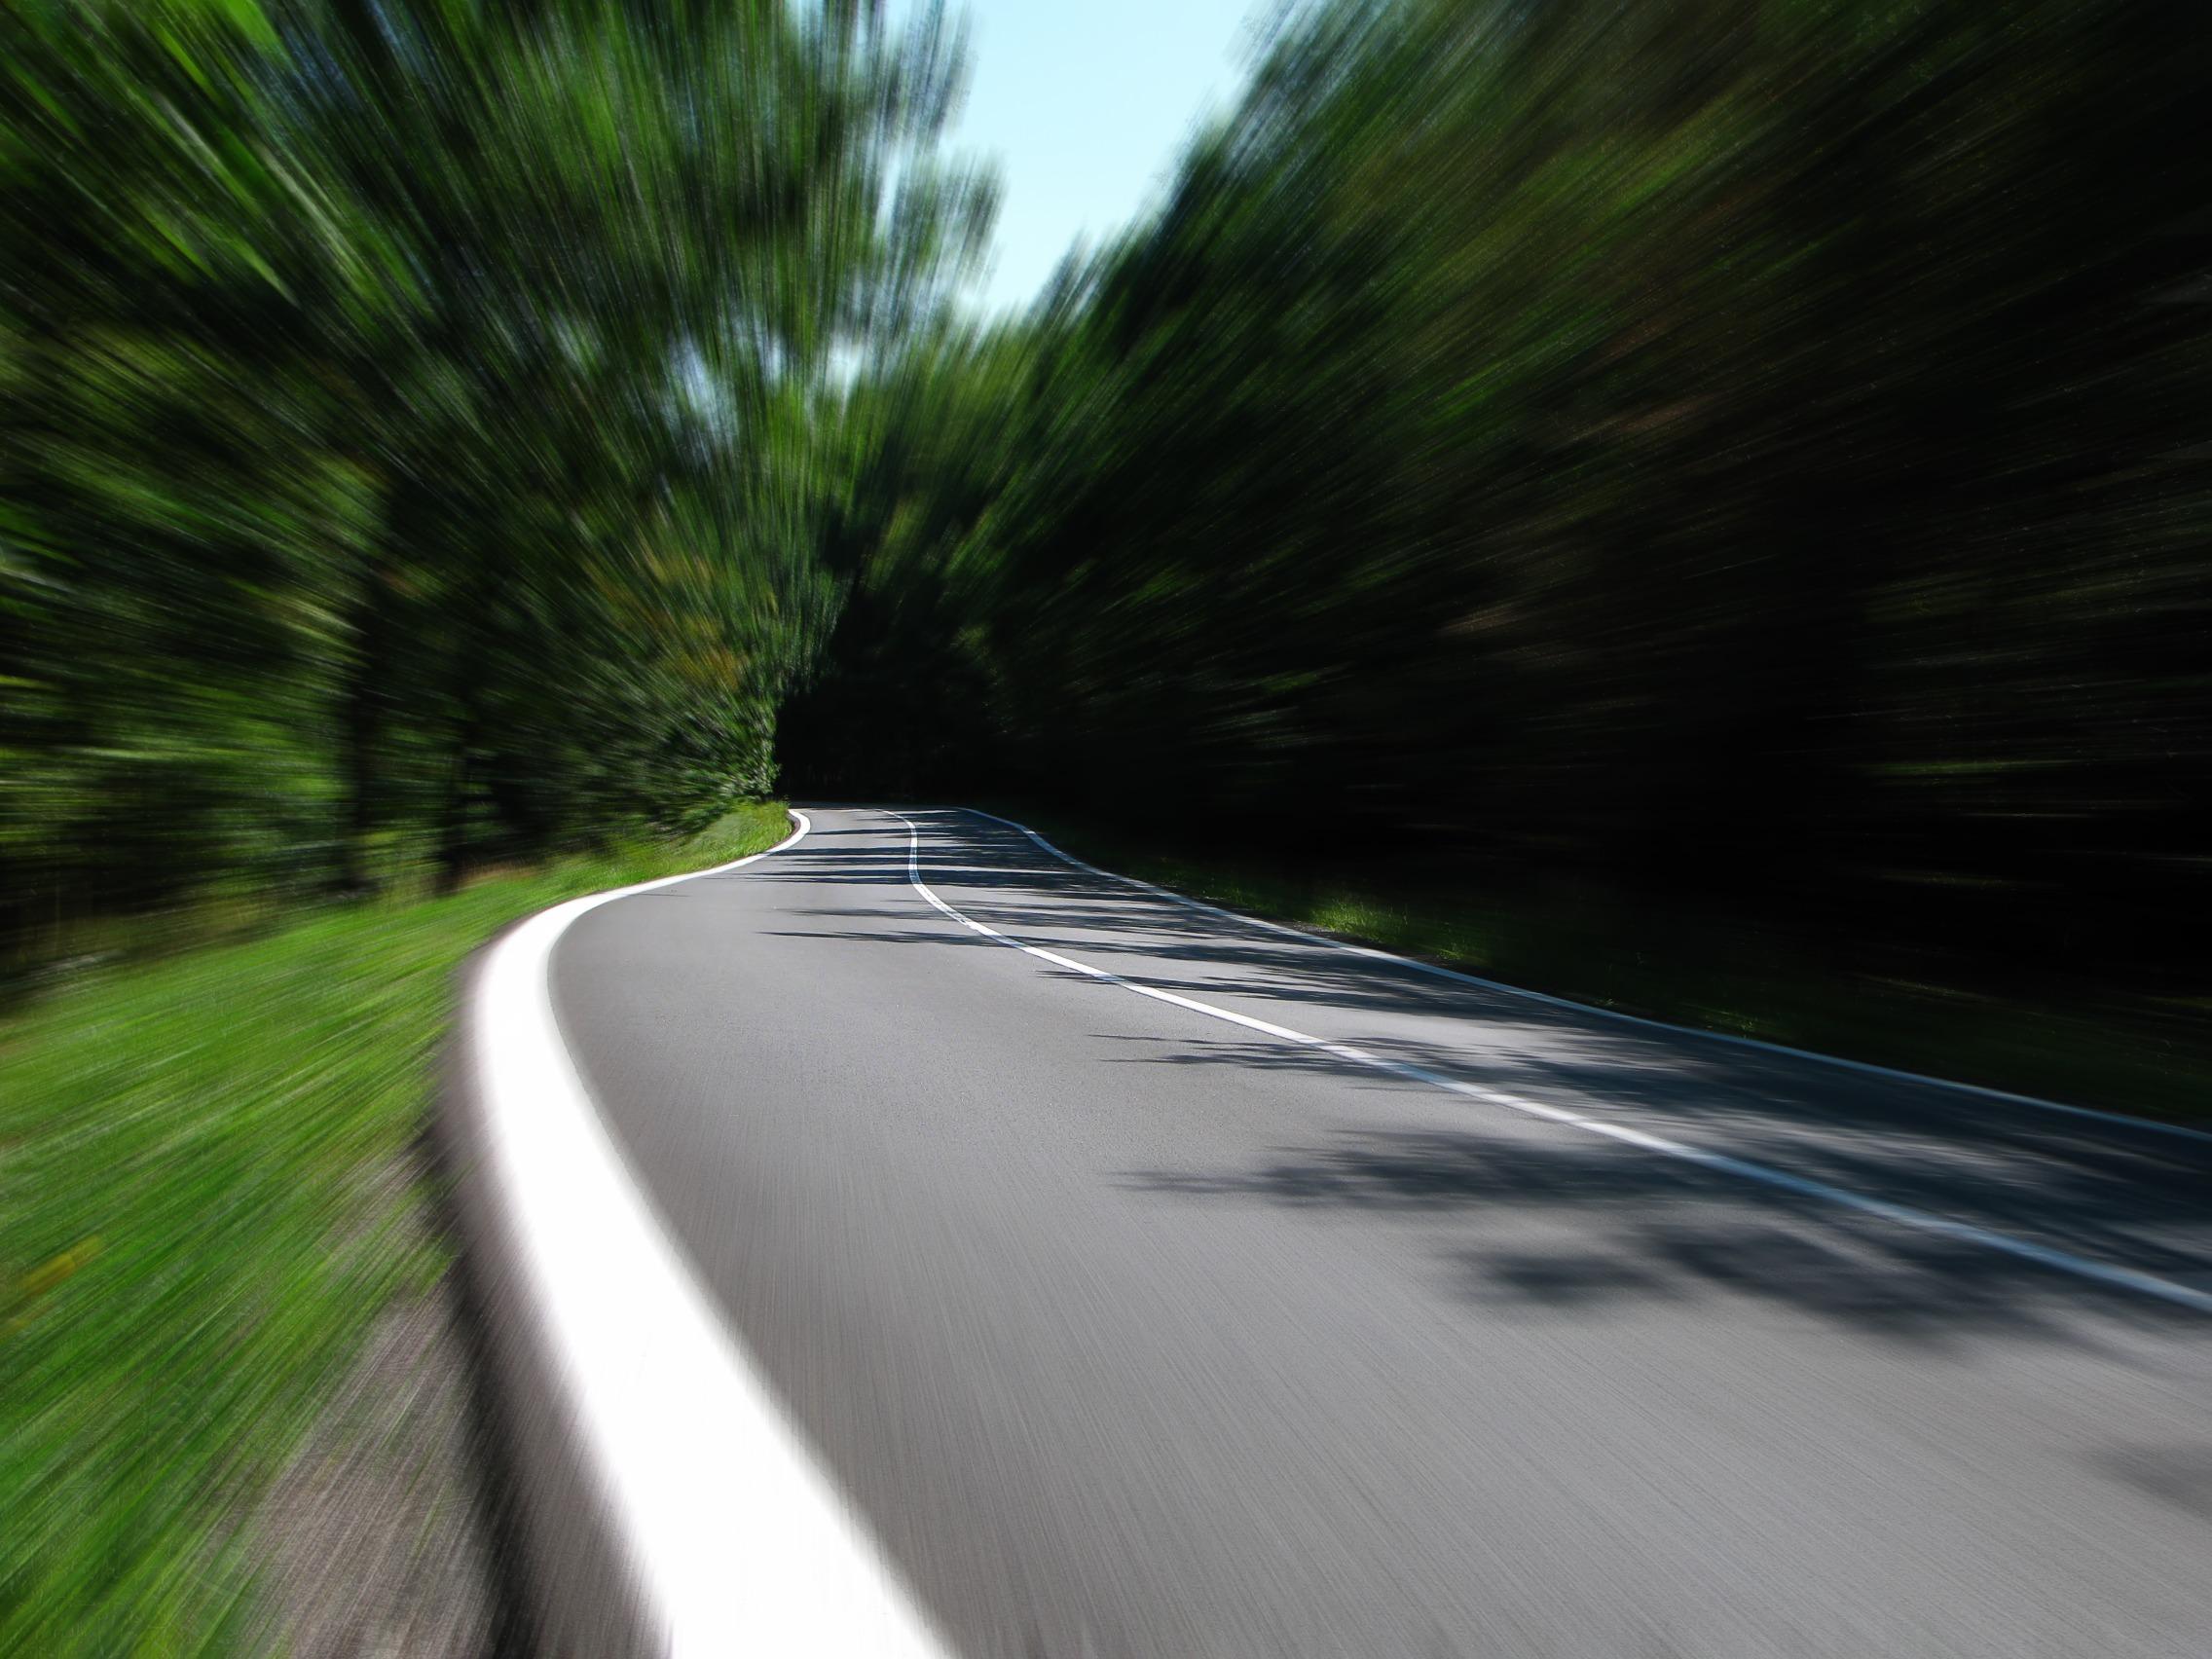 Vitesse, Route, courbe de, domaine, mouvement - Fonds d'écran HD - Professor-falken.com